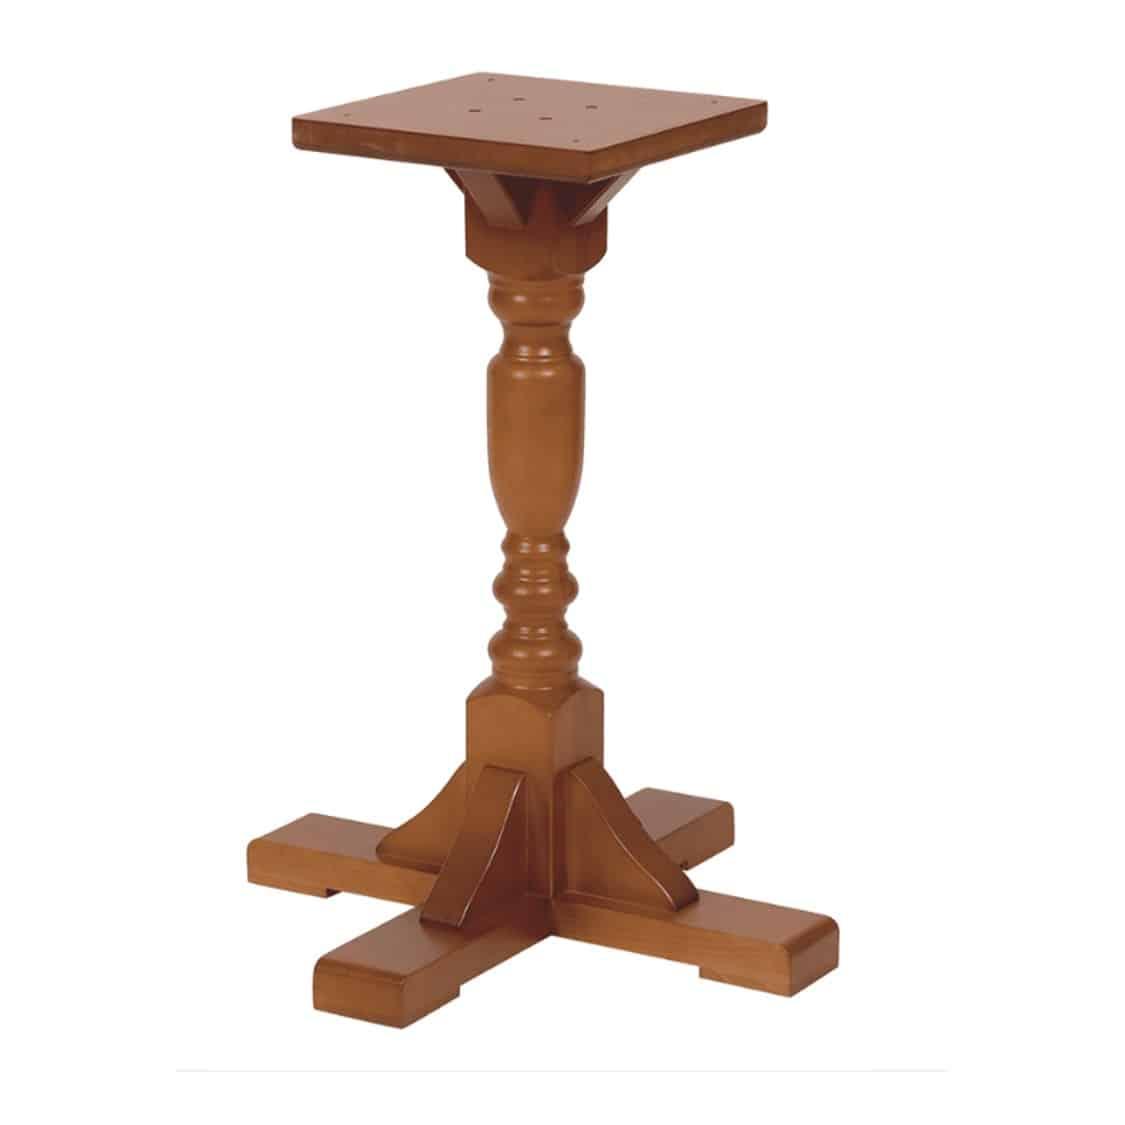 Denver Table Base Harley Wooden table base